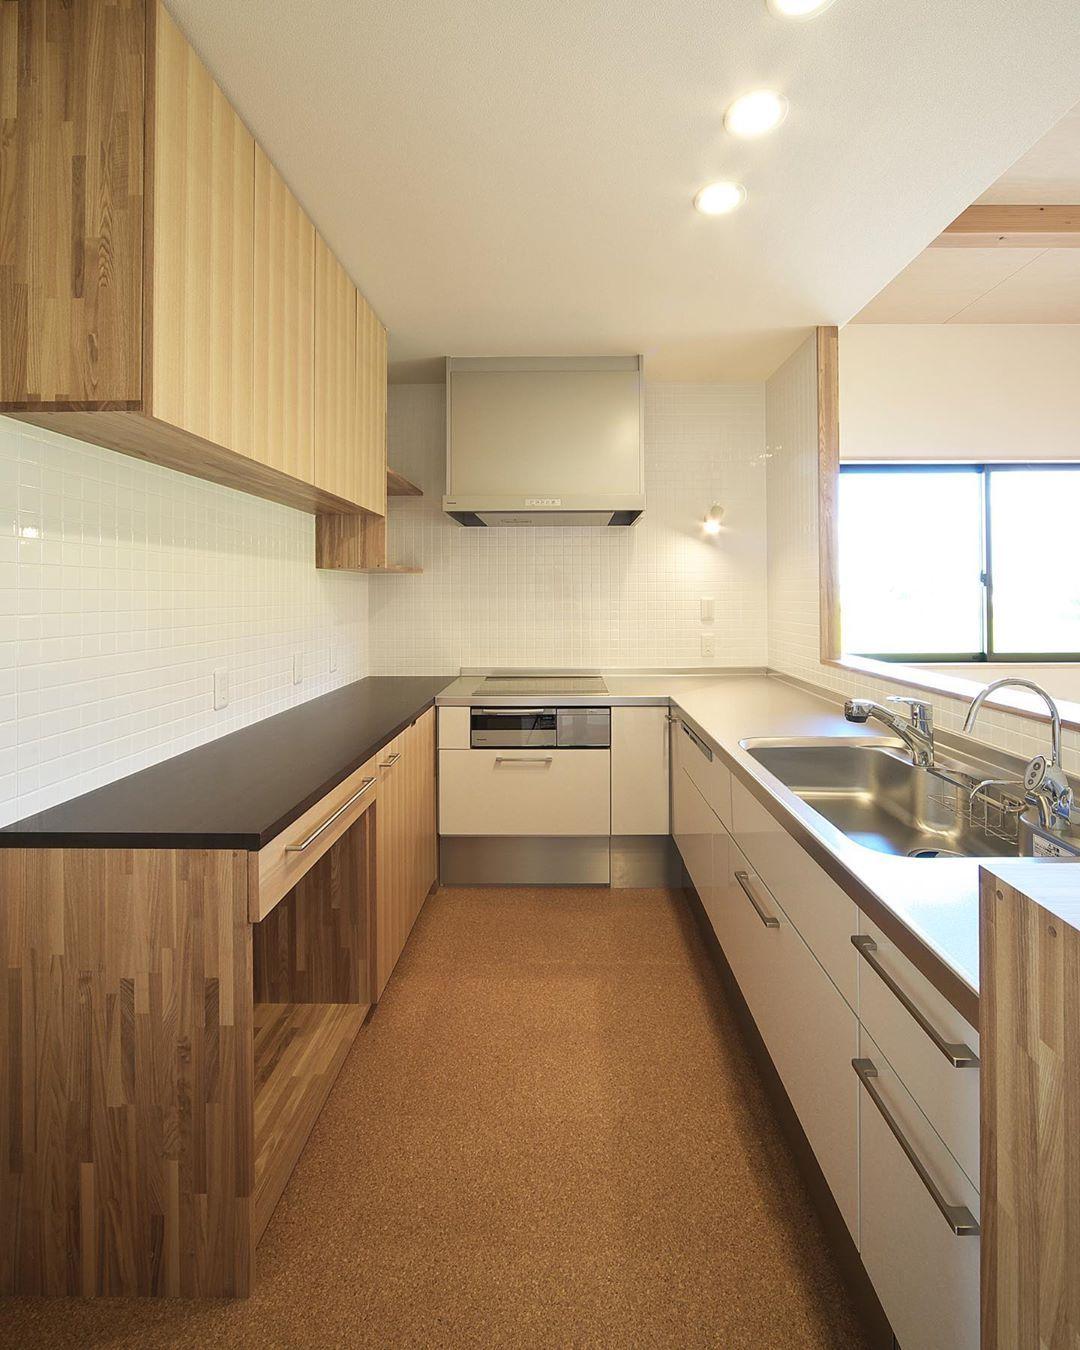 徳島 注文住宅 設計 Minimaru Design On Instagram l型キッチンにカップボードを造作したu字型のキッチンスペース ぐるりと囲われることで収納や作業スペースが多くなります ミニマルデザイン 設計事務所 徳島 L字キッチン L L型キッチン キッチン